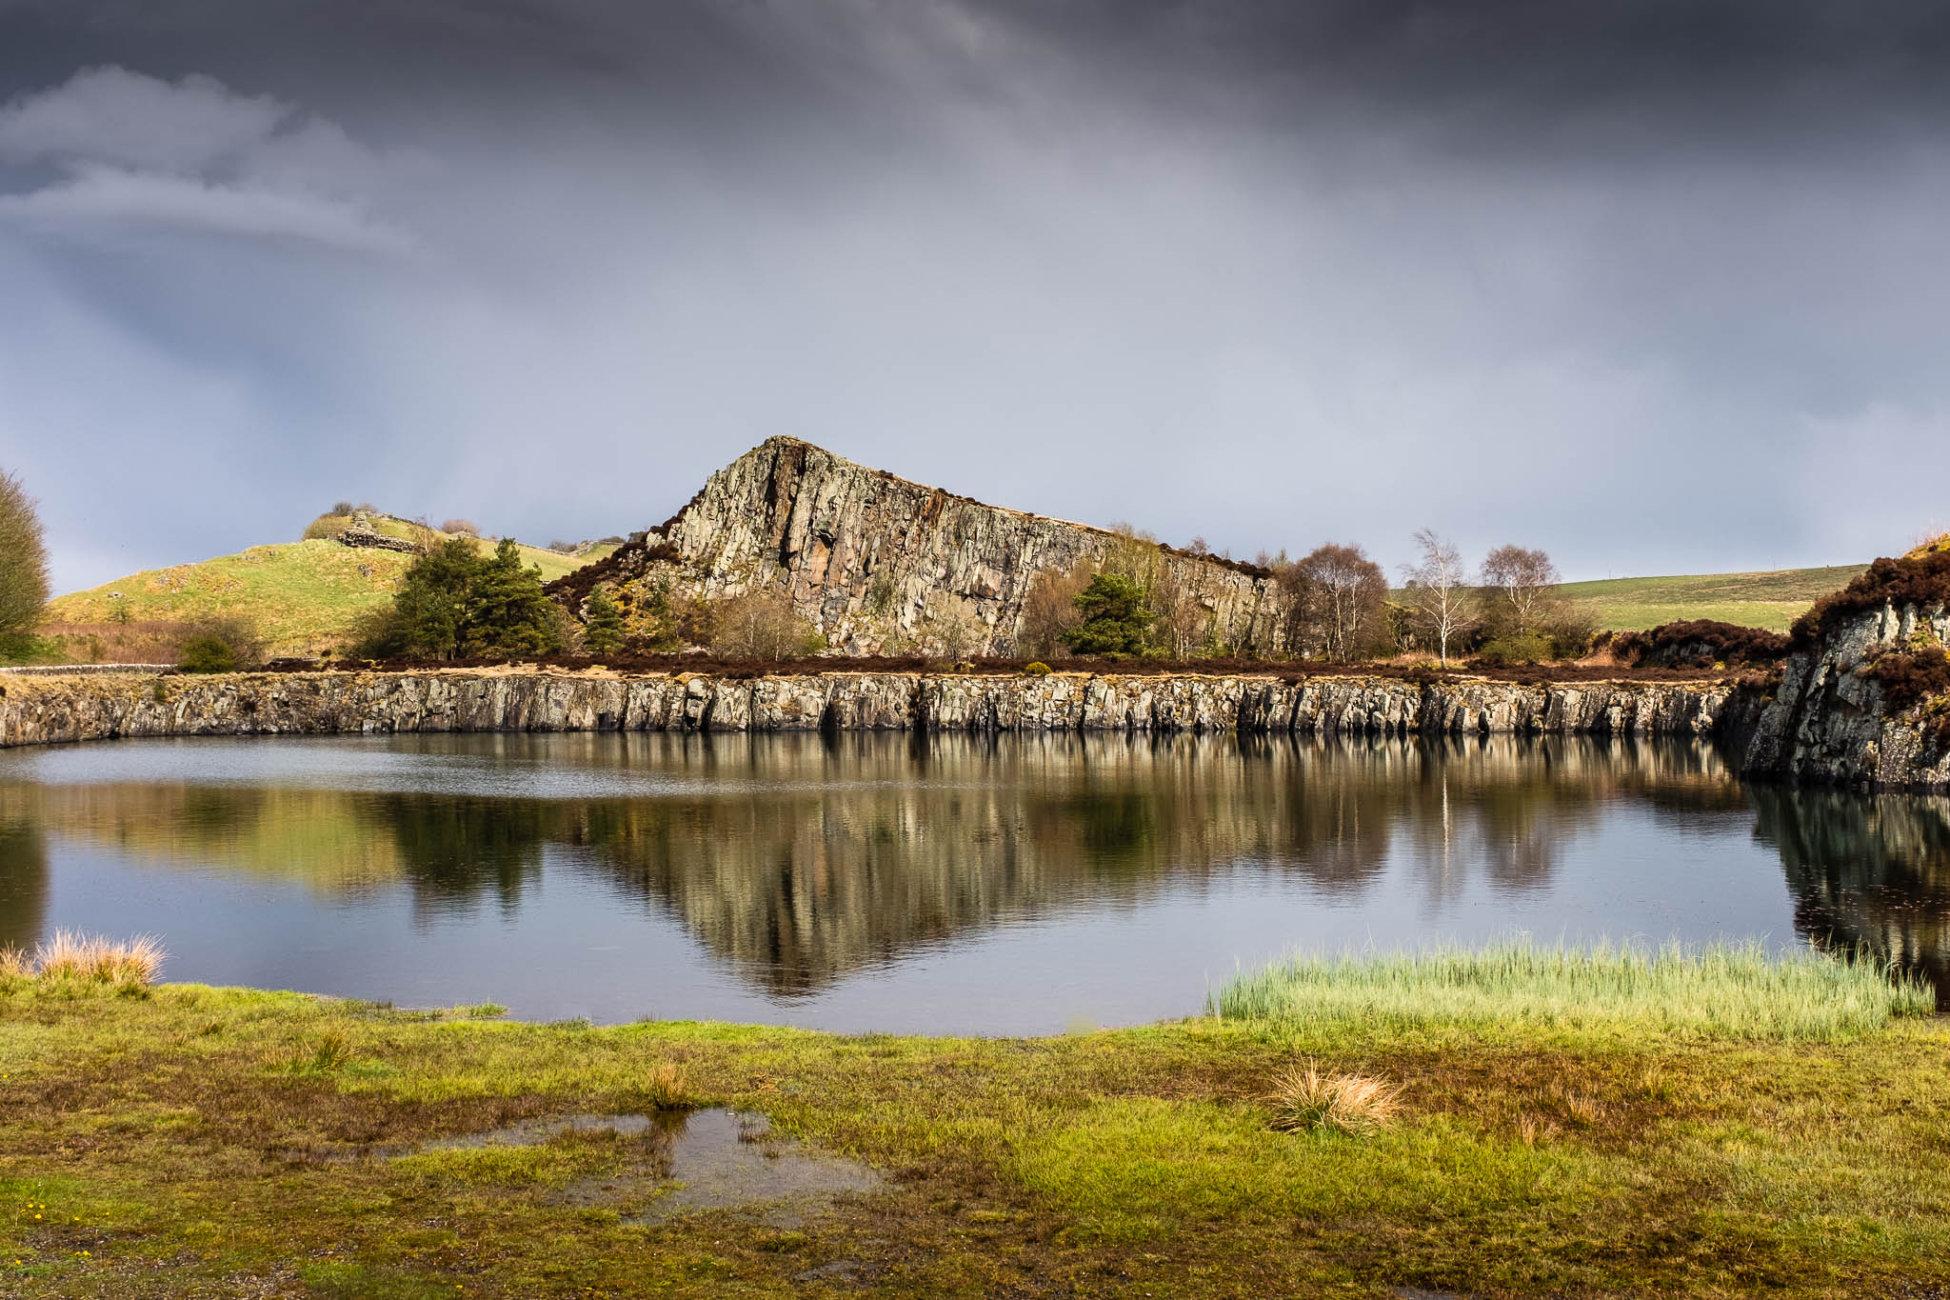 Cawfields Quarry